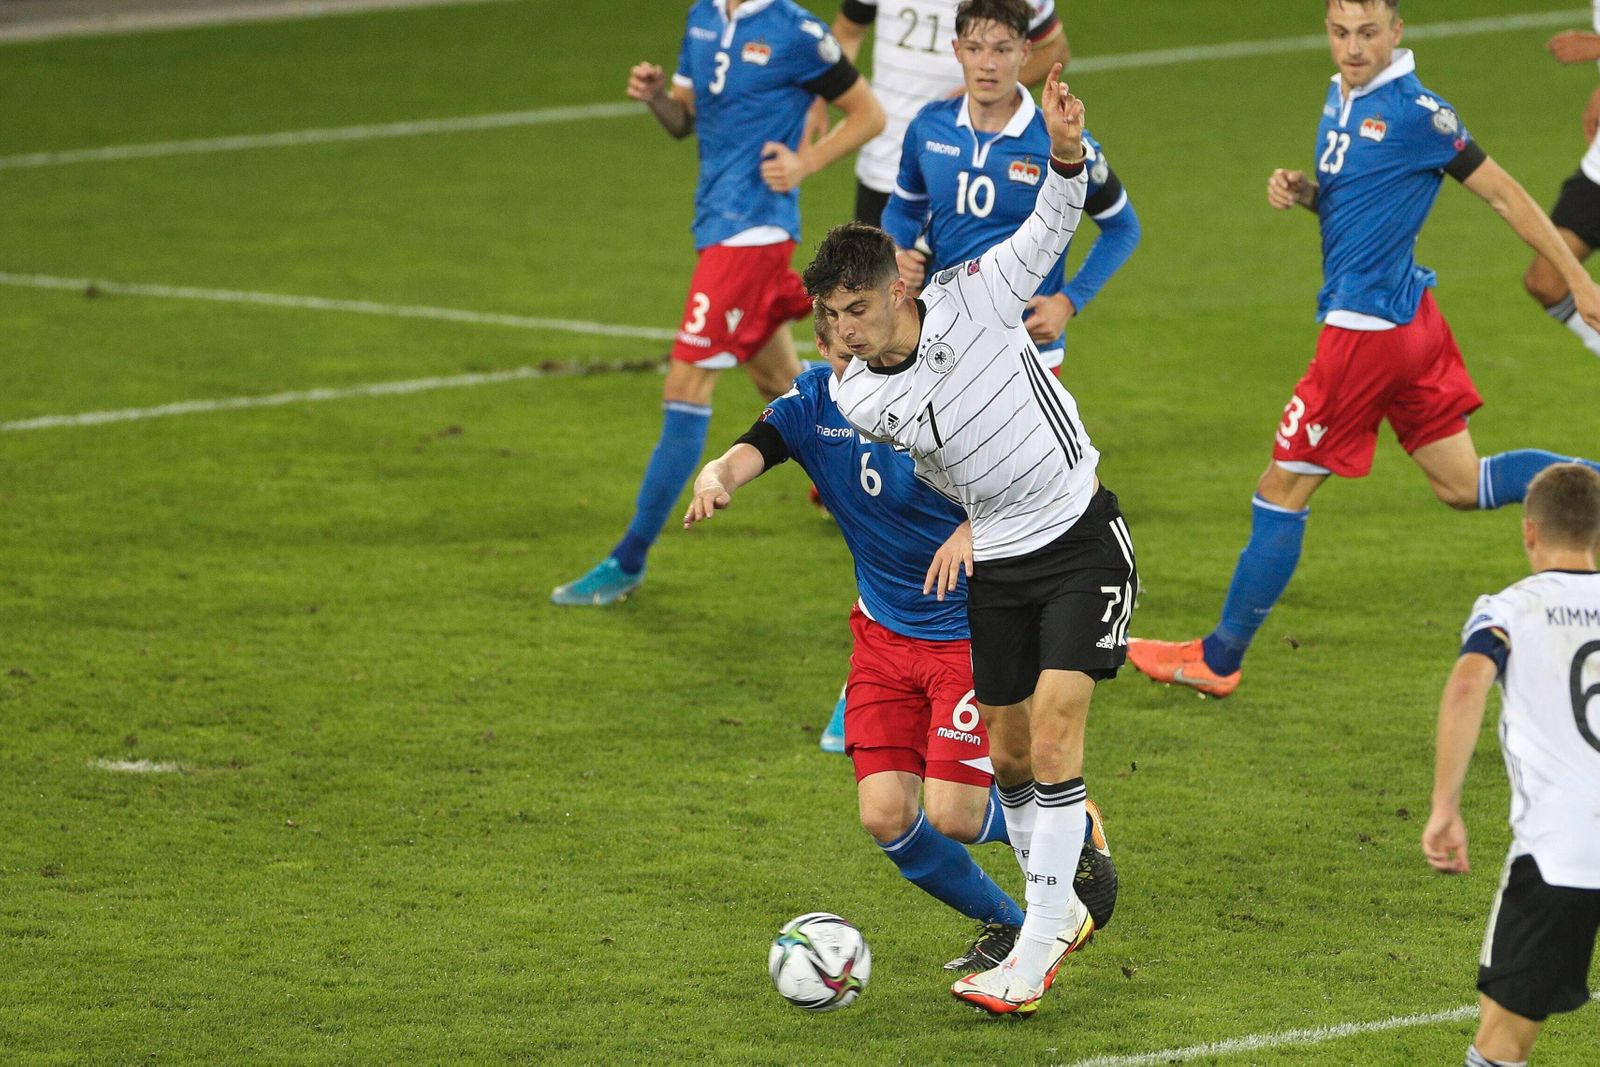 im Zweikampf, Aktion, mitAndreas Malin 6 (Liechtenstein) und Kai Havertz 7 (Deutschland), Liechtenstein vs. Deutschland